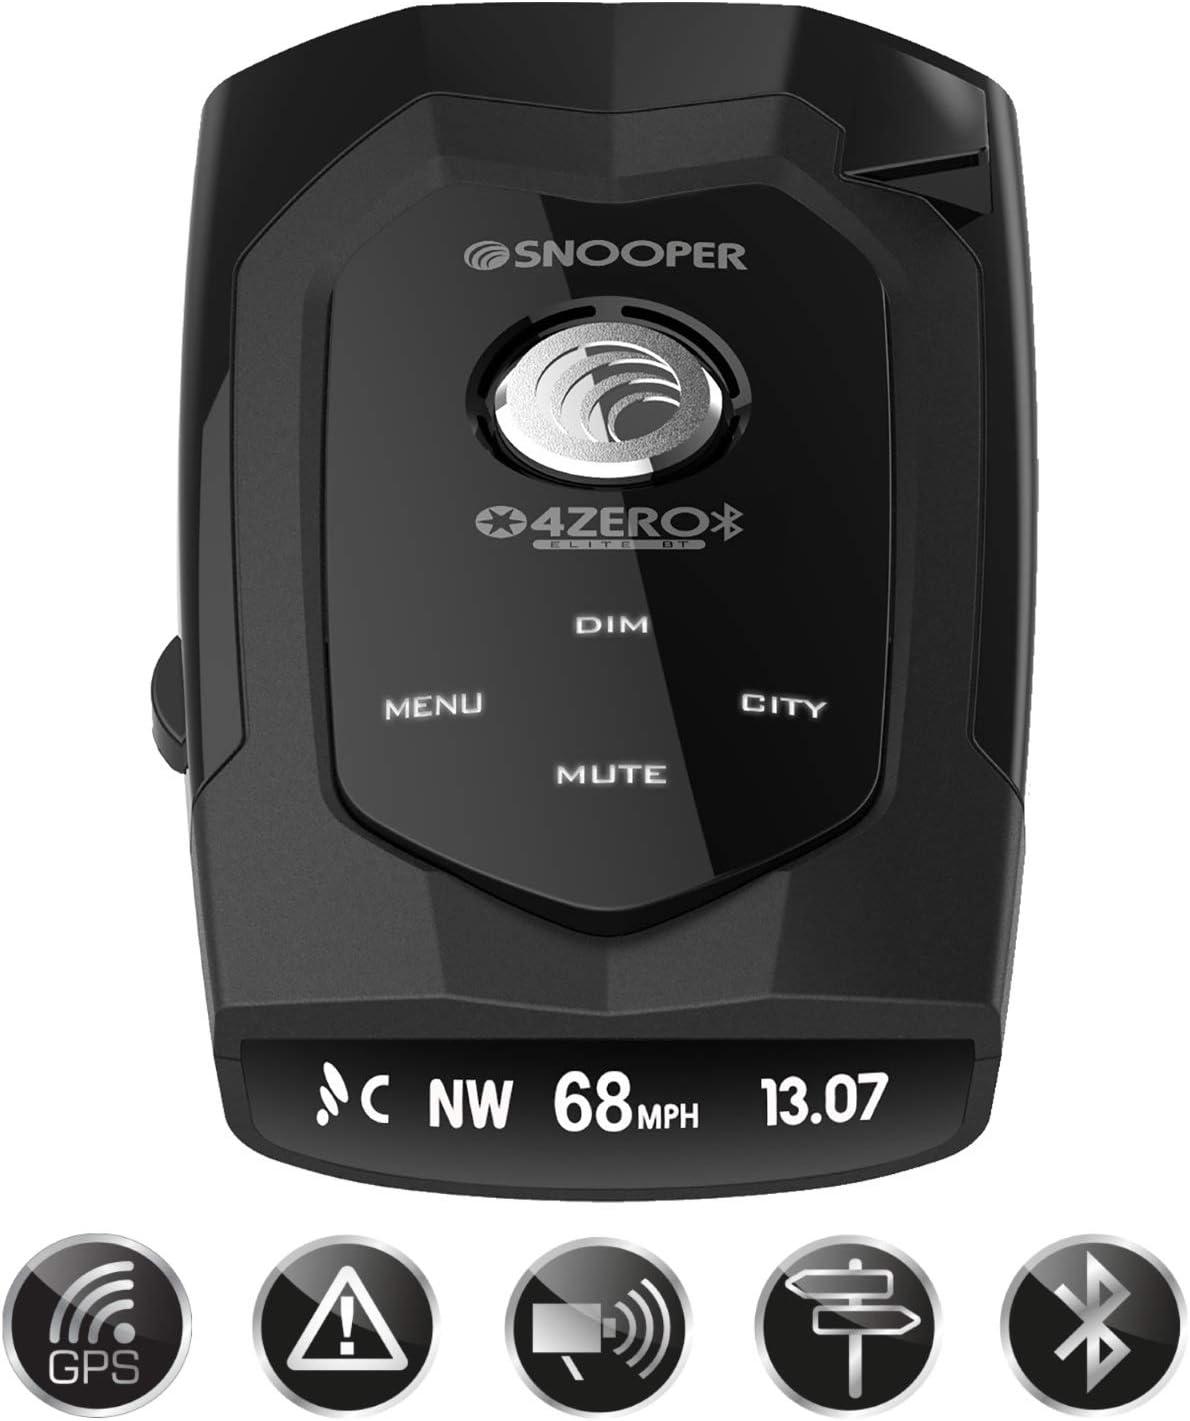 Snooper 4zero Elite Bt Gps Radar Laser Erkennung Gerät Mit Bluetooth Navigation